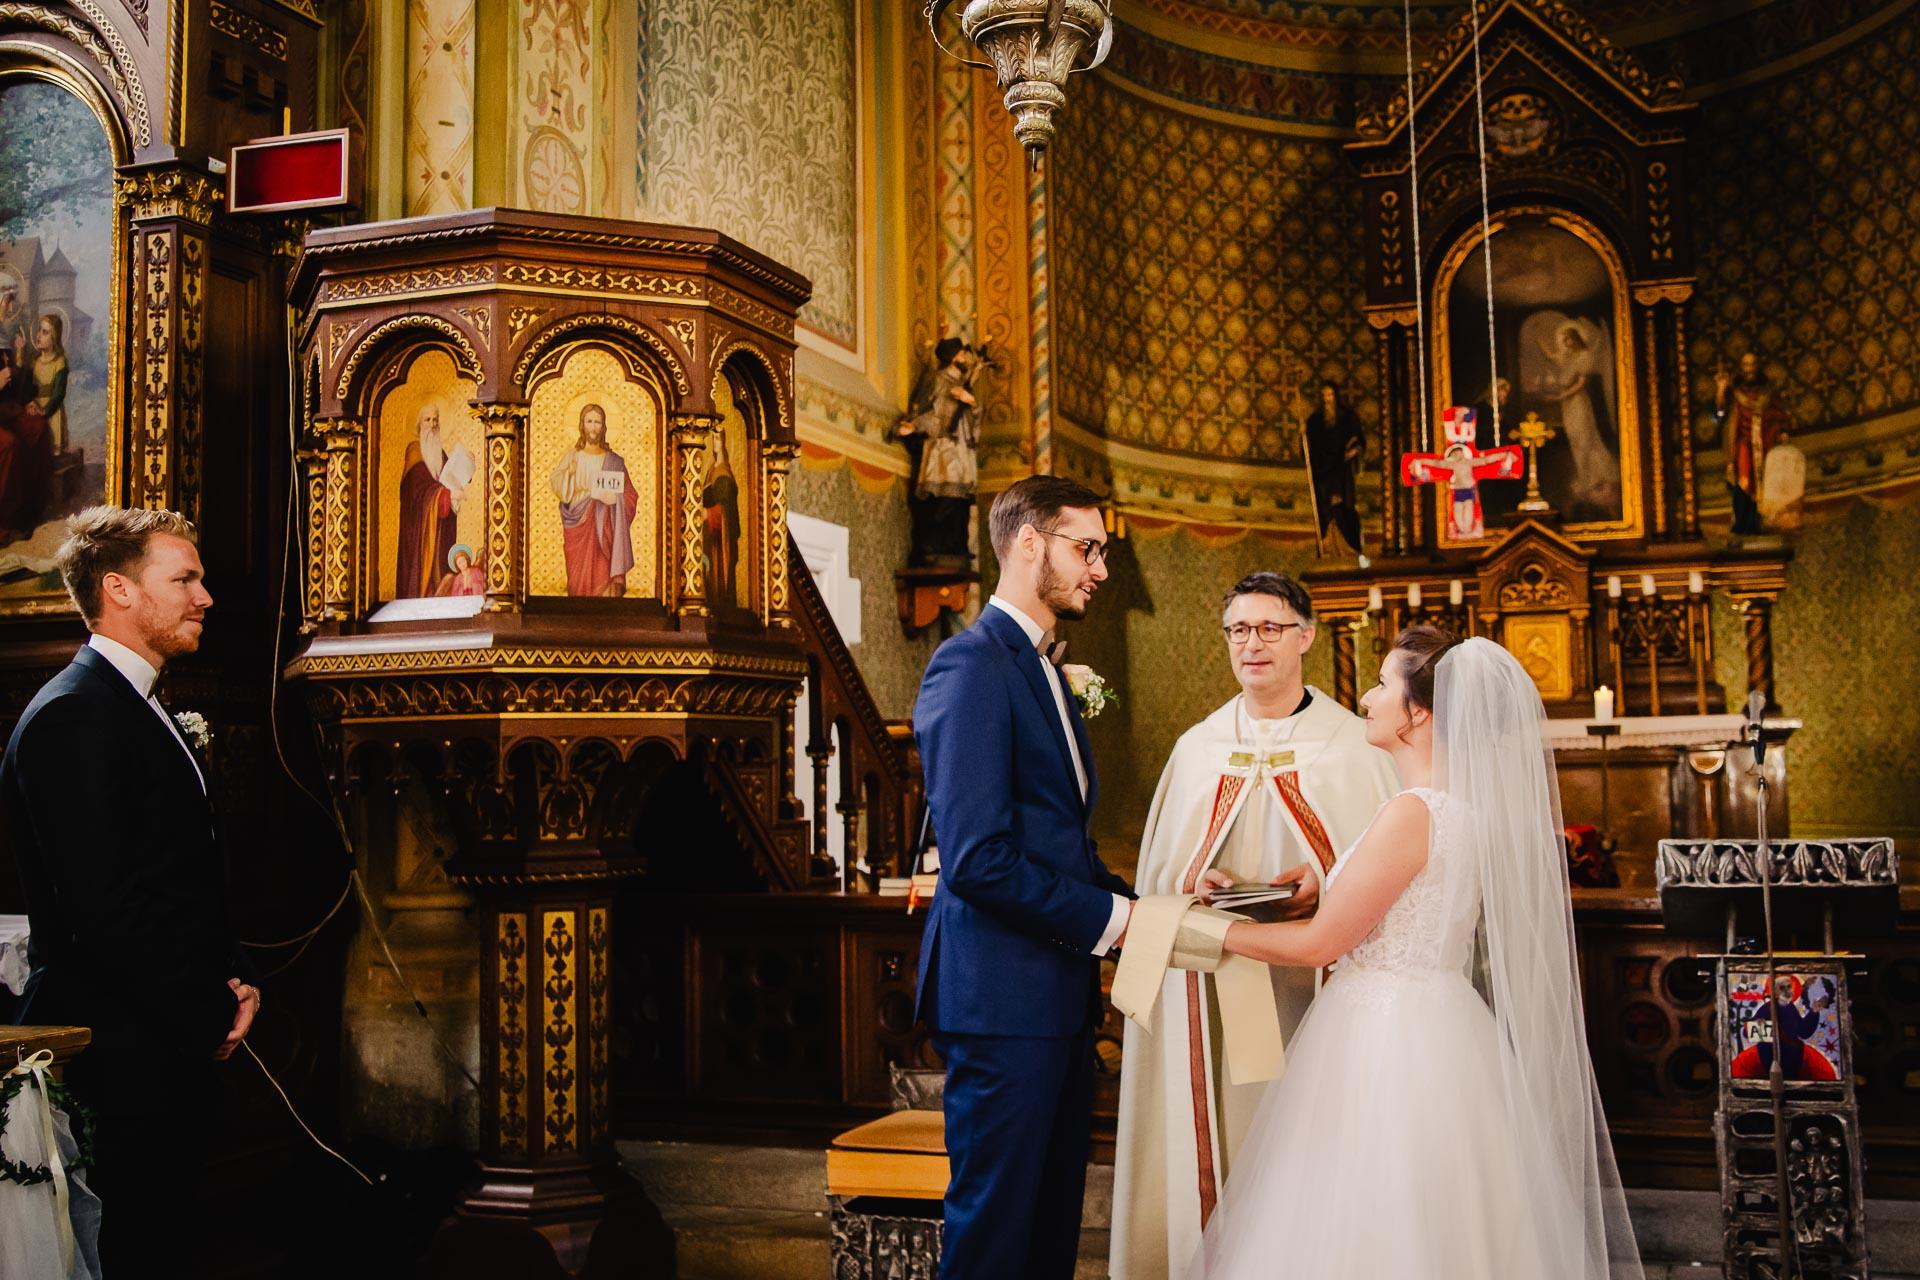 svatební fotograf Praha,svatba střední čechy, církevní obřad, svatba v kostele, nejhezčí svatební fotografie-2359